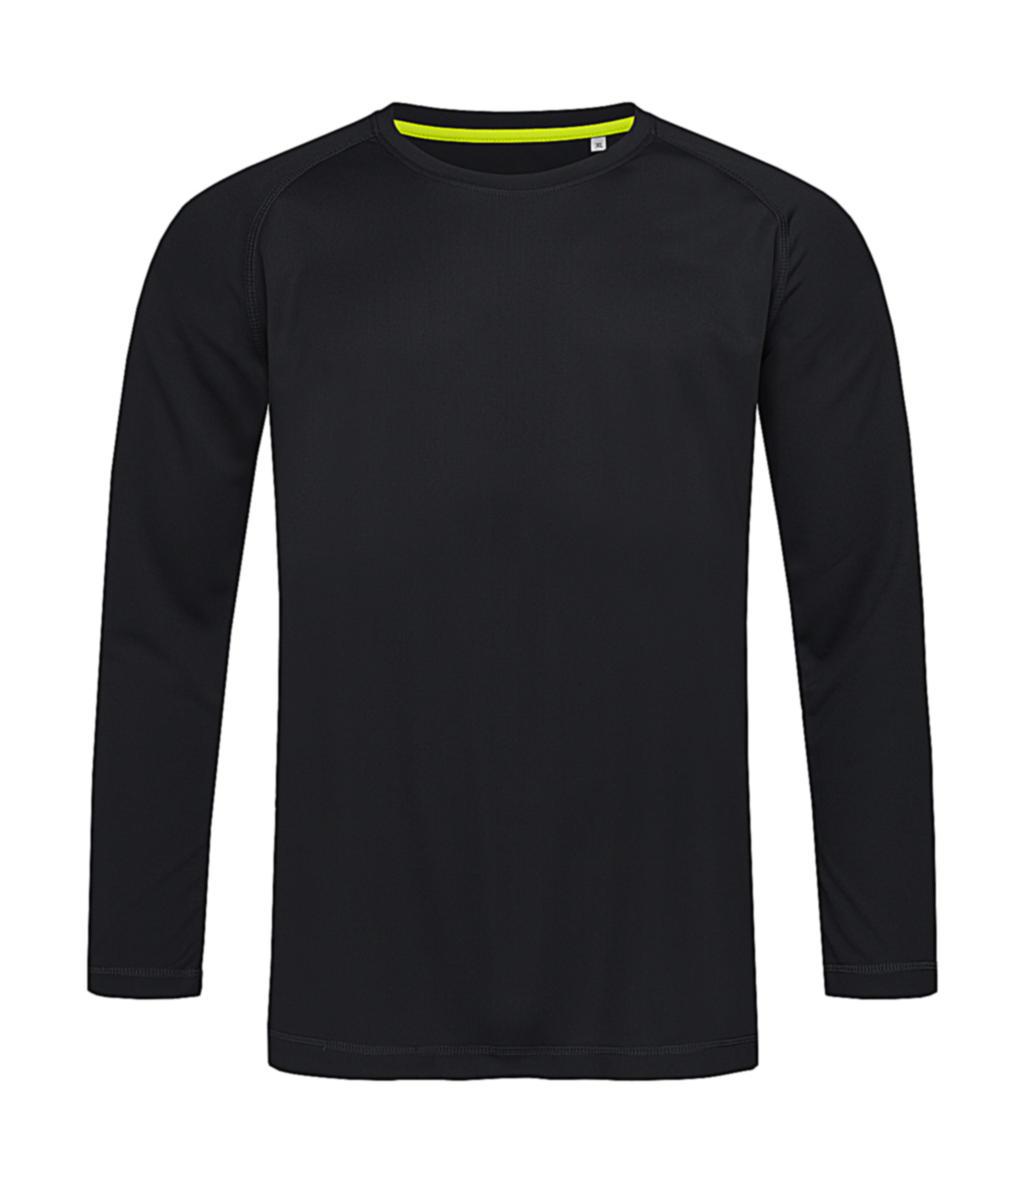 Pánské trièko 140 Active dlouhé rukávy - zvìtšit obrázek